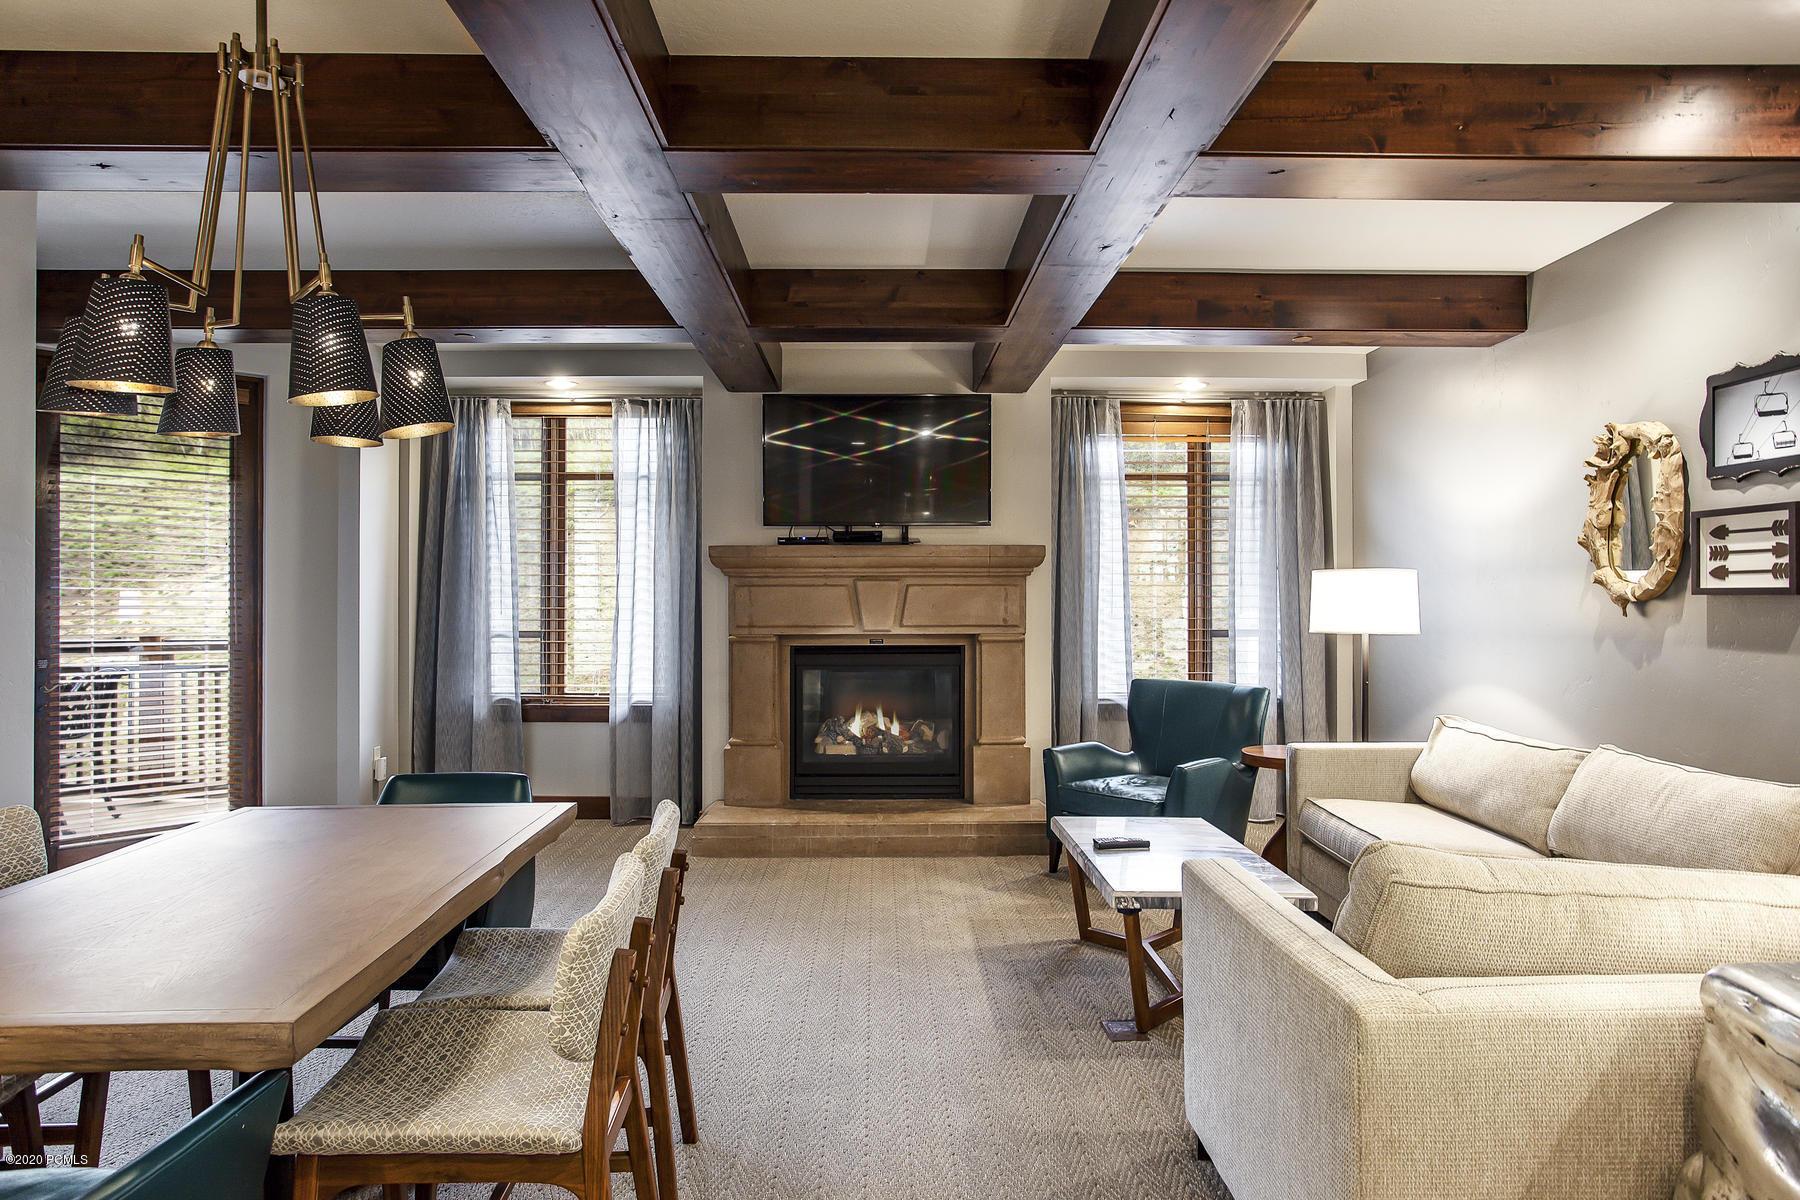 3551 Escala Court, Park City, Utah 84098, 2 Bedrooms Bedrooms, ,2 BathroomsBathrooms,Condominium,For Sale,Escala,20190109112430415765000000